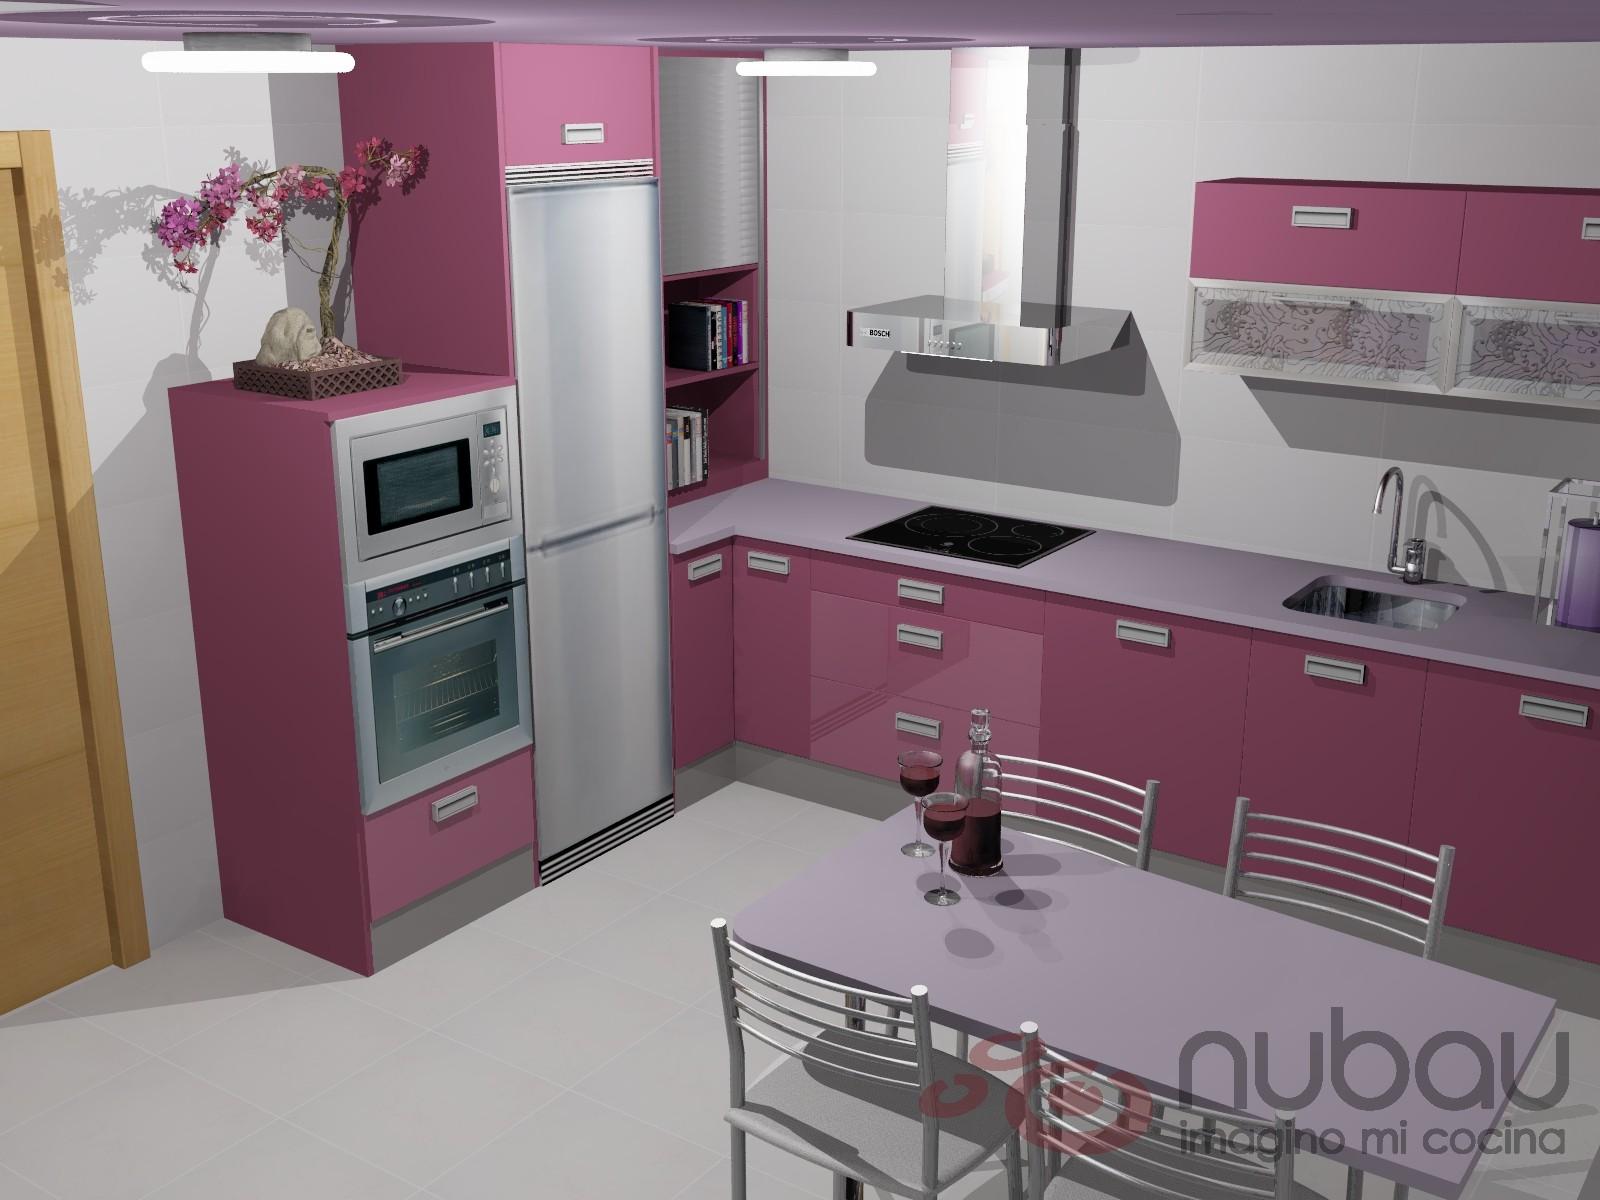 Qu es lo m s caro al cambiar de cocina - Cambiar encimera cocina ...